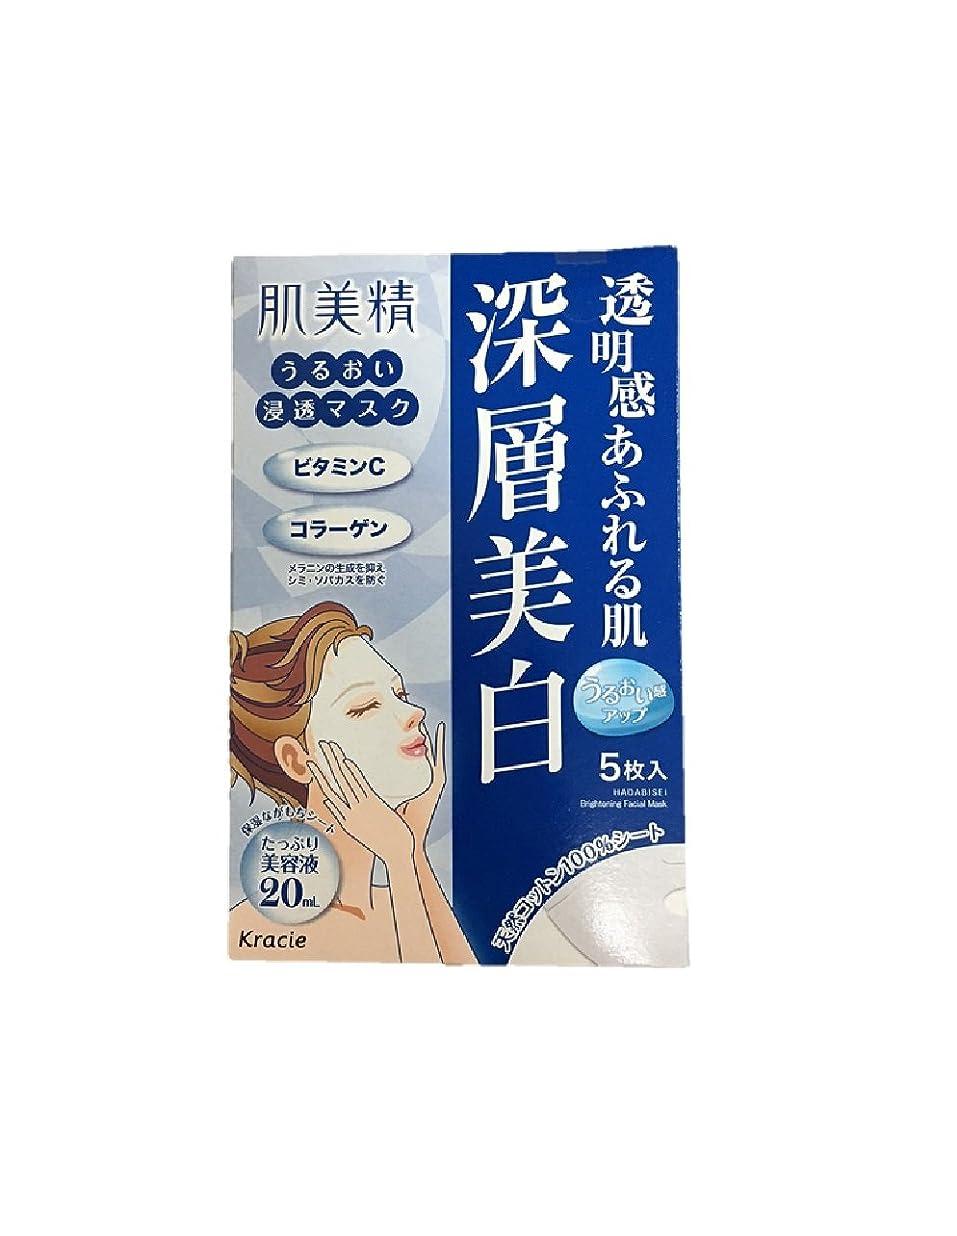 クリーナー二十頼む【セット】 クラシエホームプロダクツ 肌美精 うるおい浸透マスク (深層美白) 5枚入 (美容液20mL/1枚) 5個セット